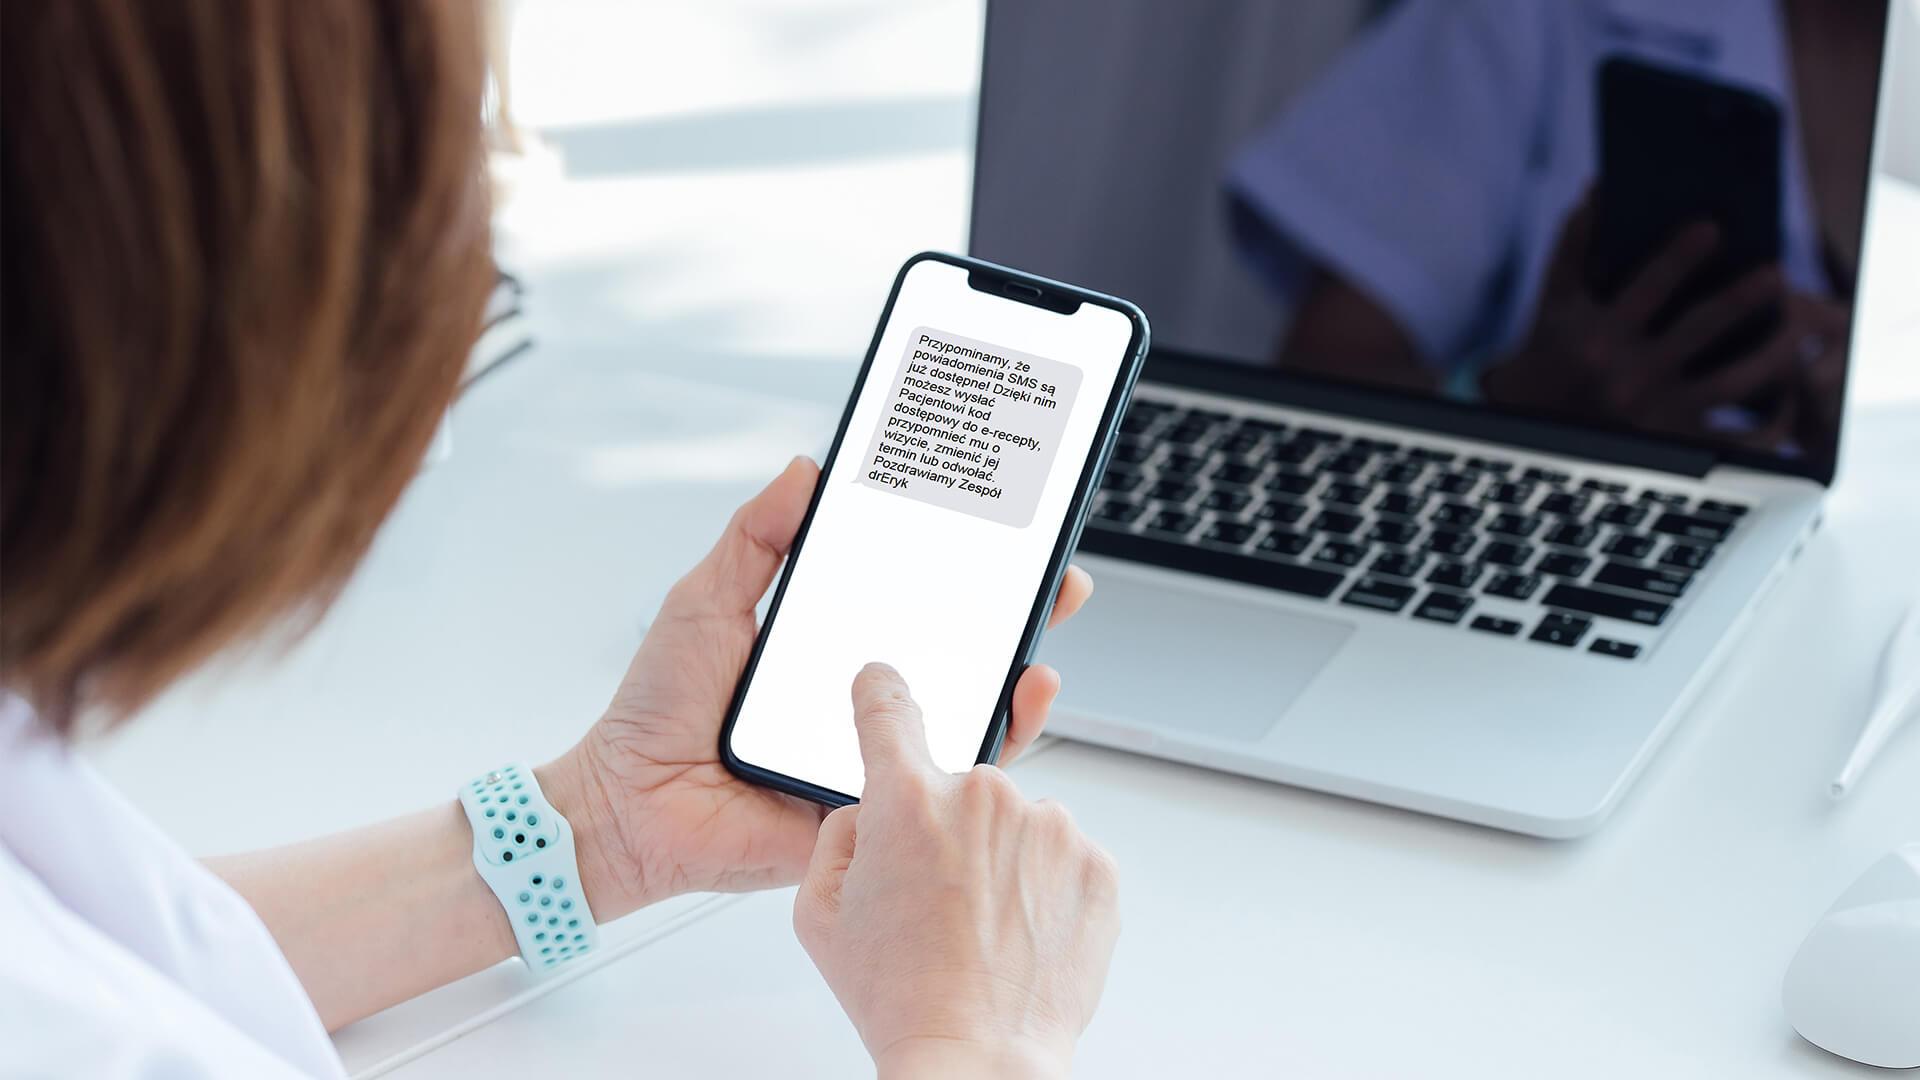 Jak wysłać powiadomienia SMS oraze-mail?